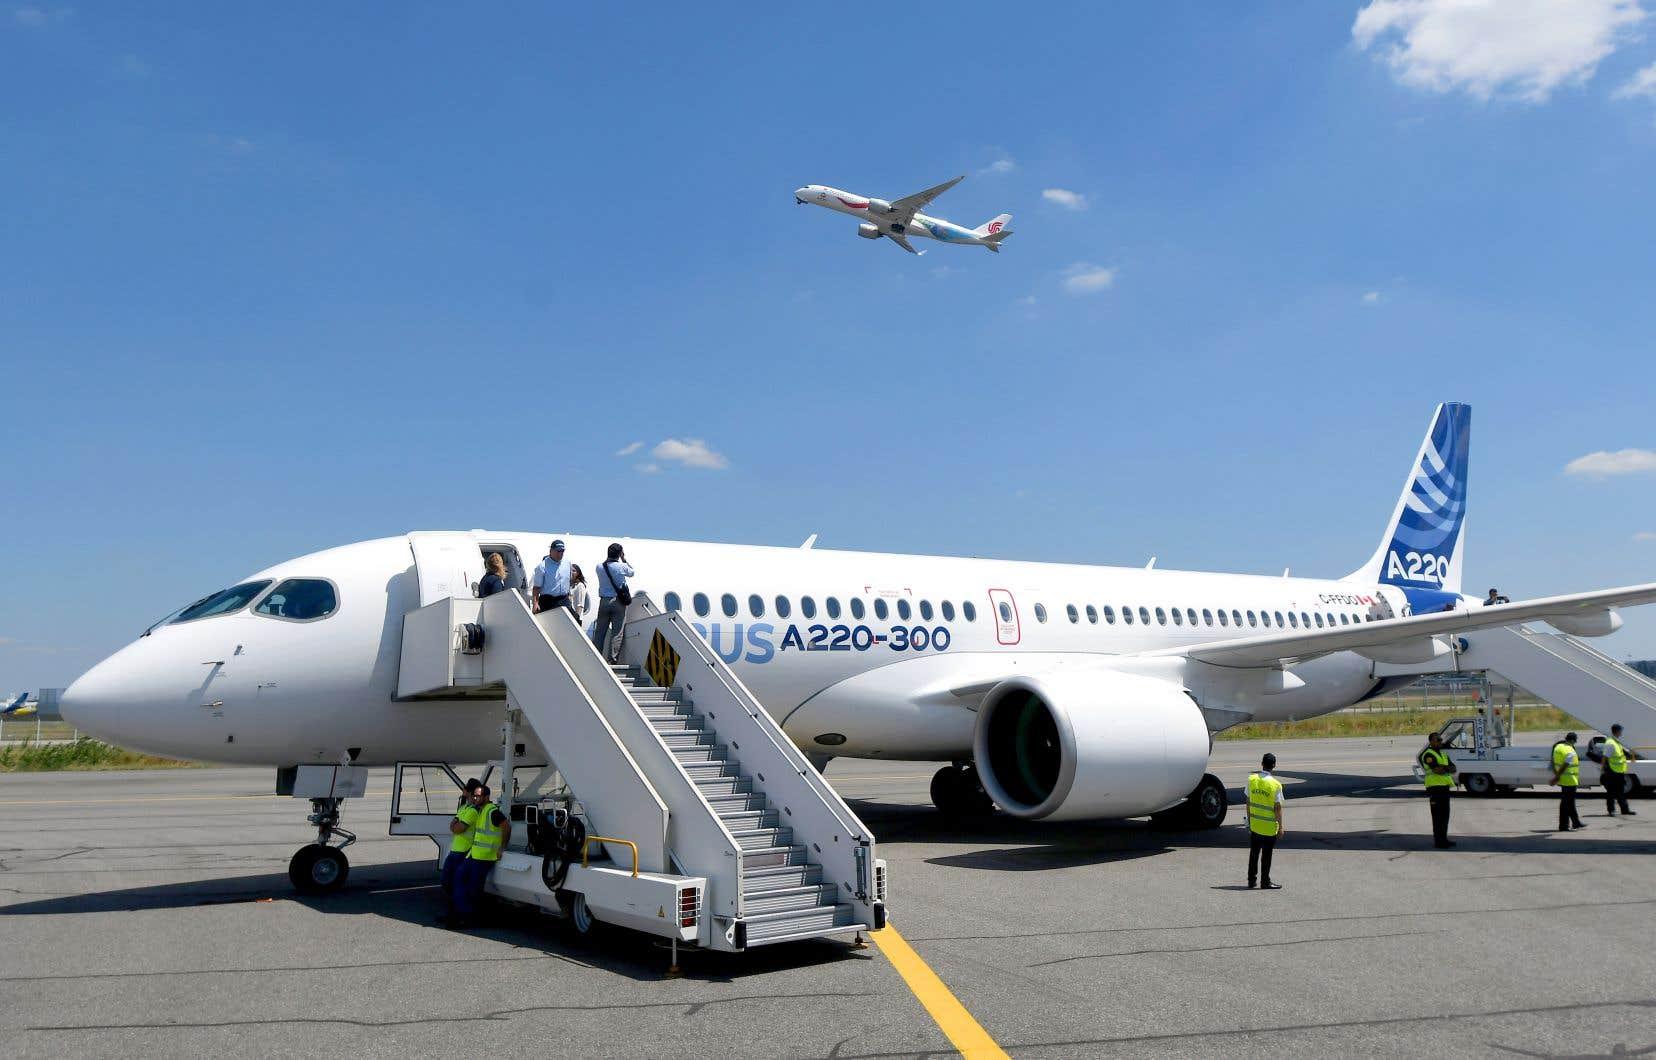 Air Canada, qui a dévoilé lundi une perte nette de 685 millions au troisième trimestre, retirera 12 appareils A220-300 de son carnet, soit environ le quart de la commande ferme passée au printemps 2016.